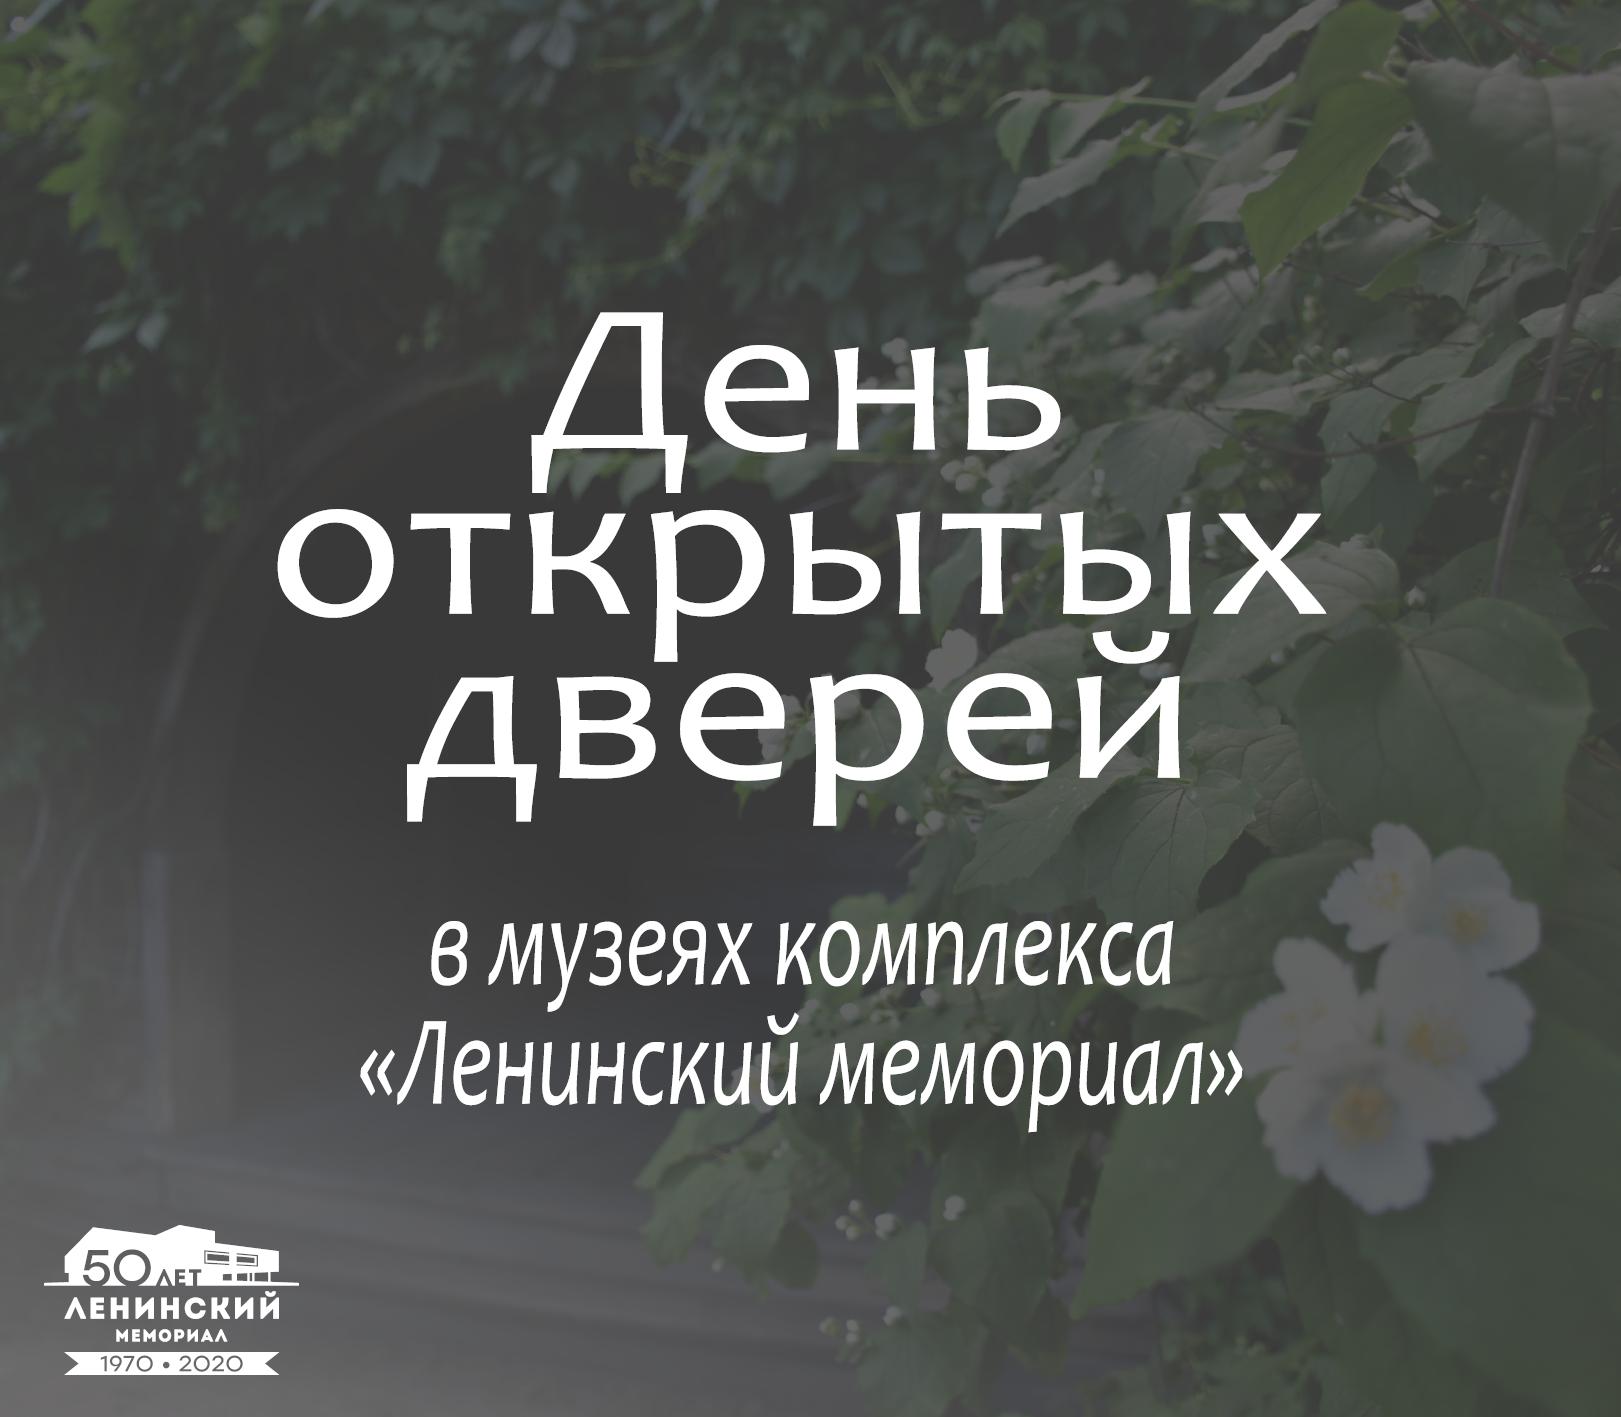 День открытых дверей в музеях комплекса Ленинского мемориала